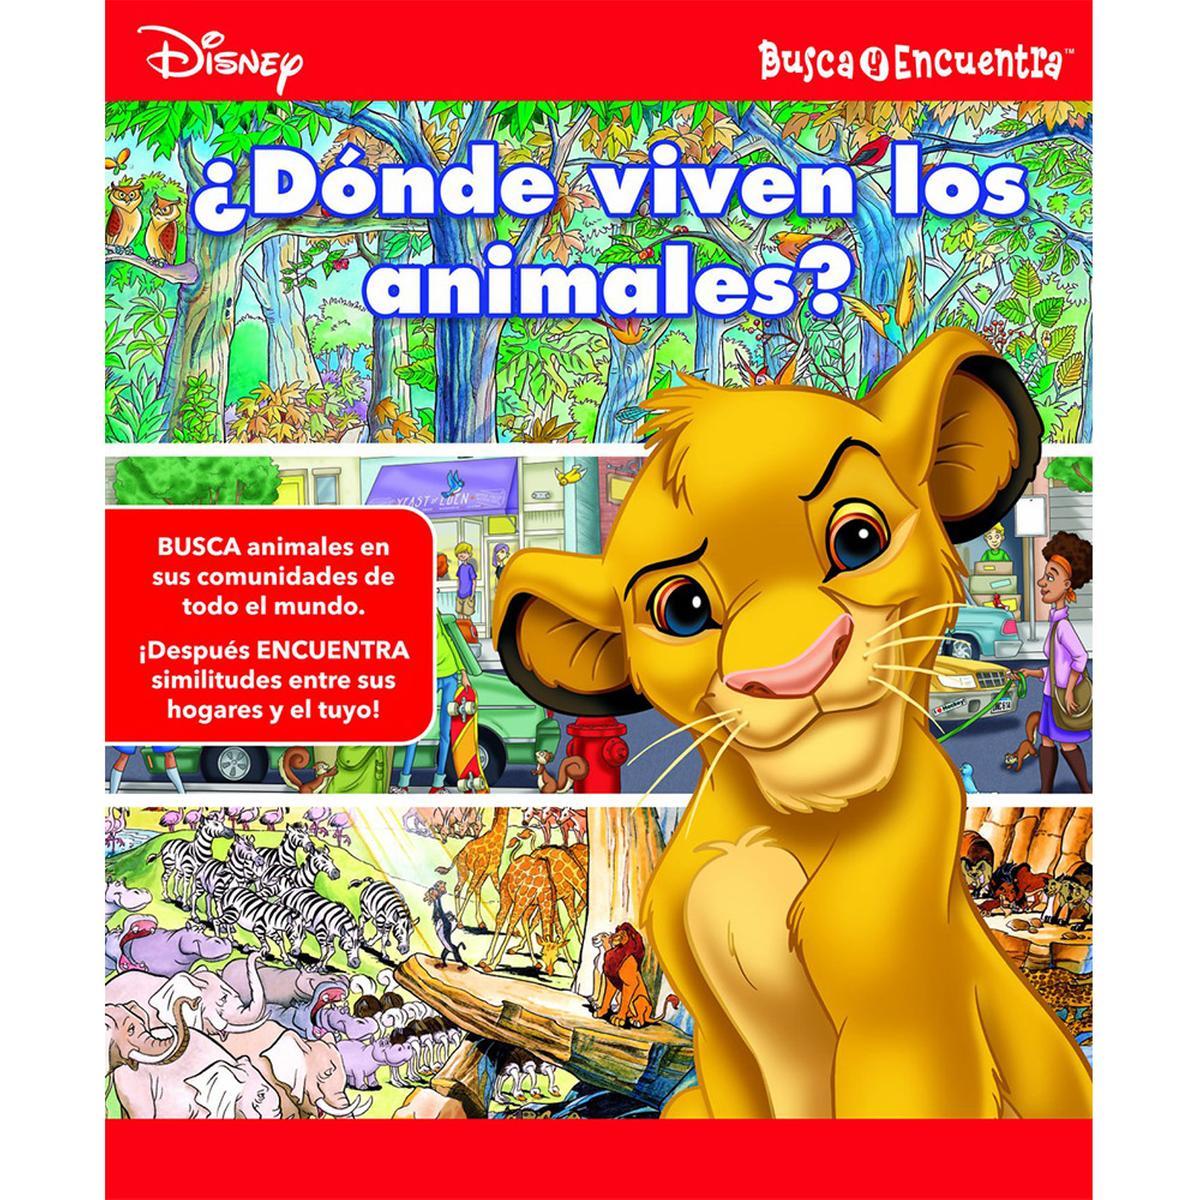 Disney - Busca y Encuentra. IDK77191